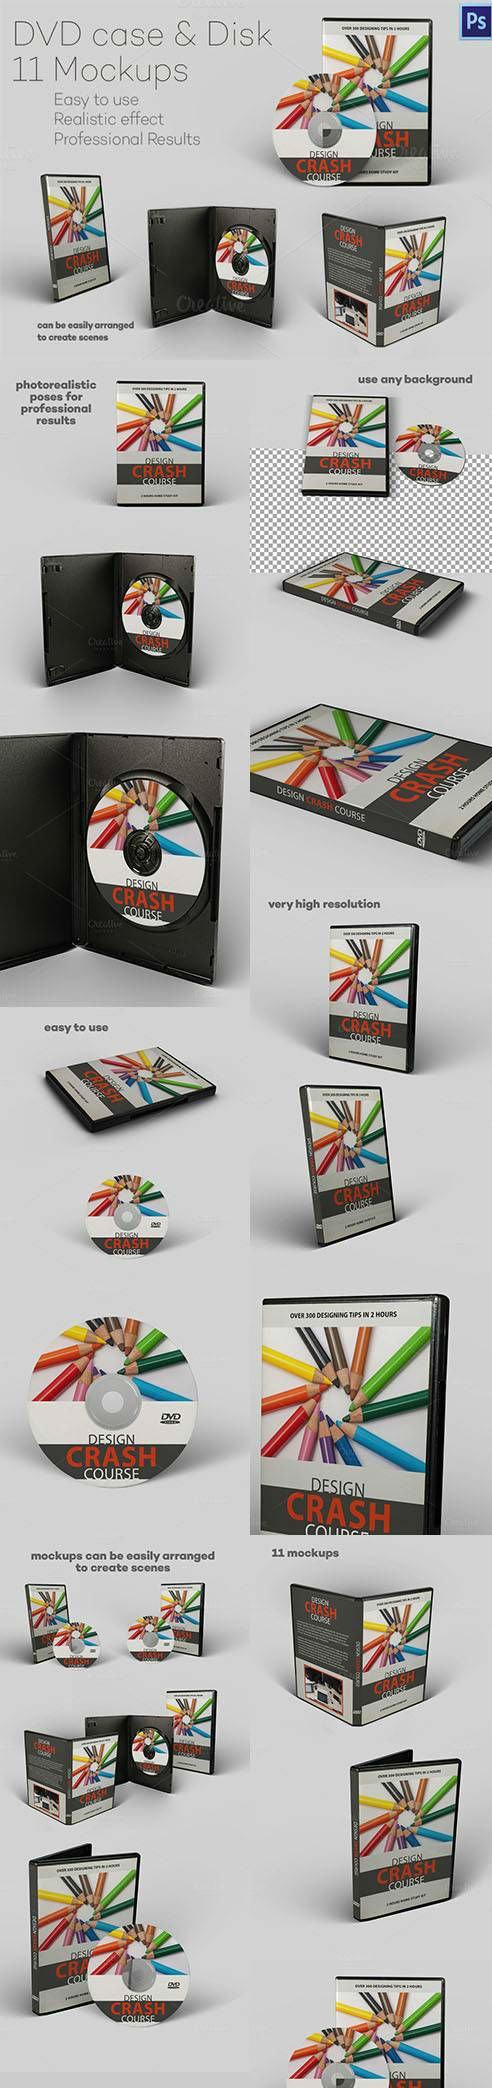 DVD case & Disk - 11 Mockups 483645 (Creativemarket)